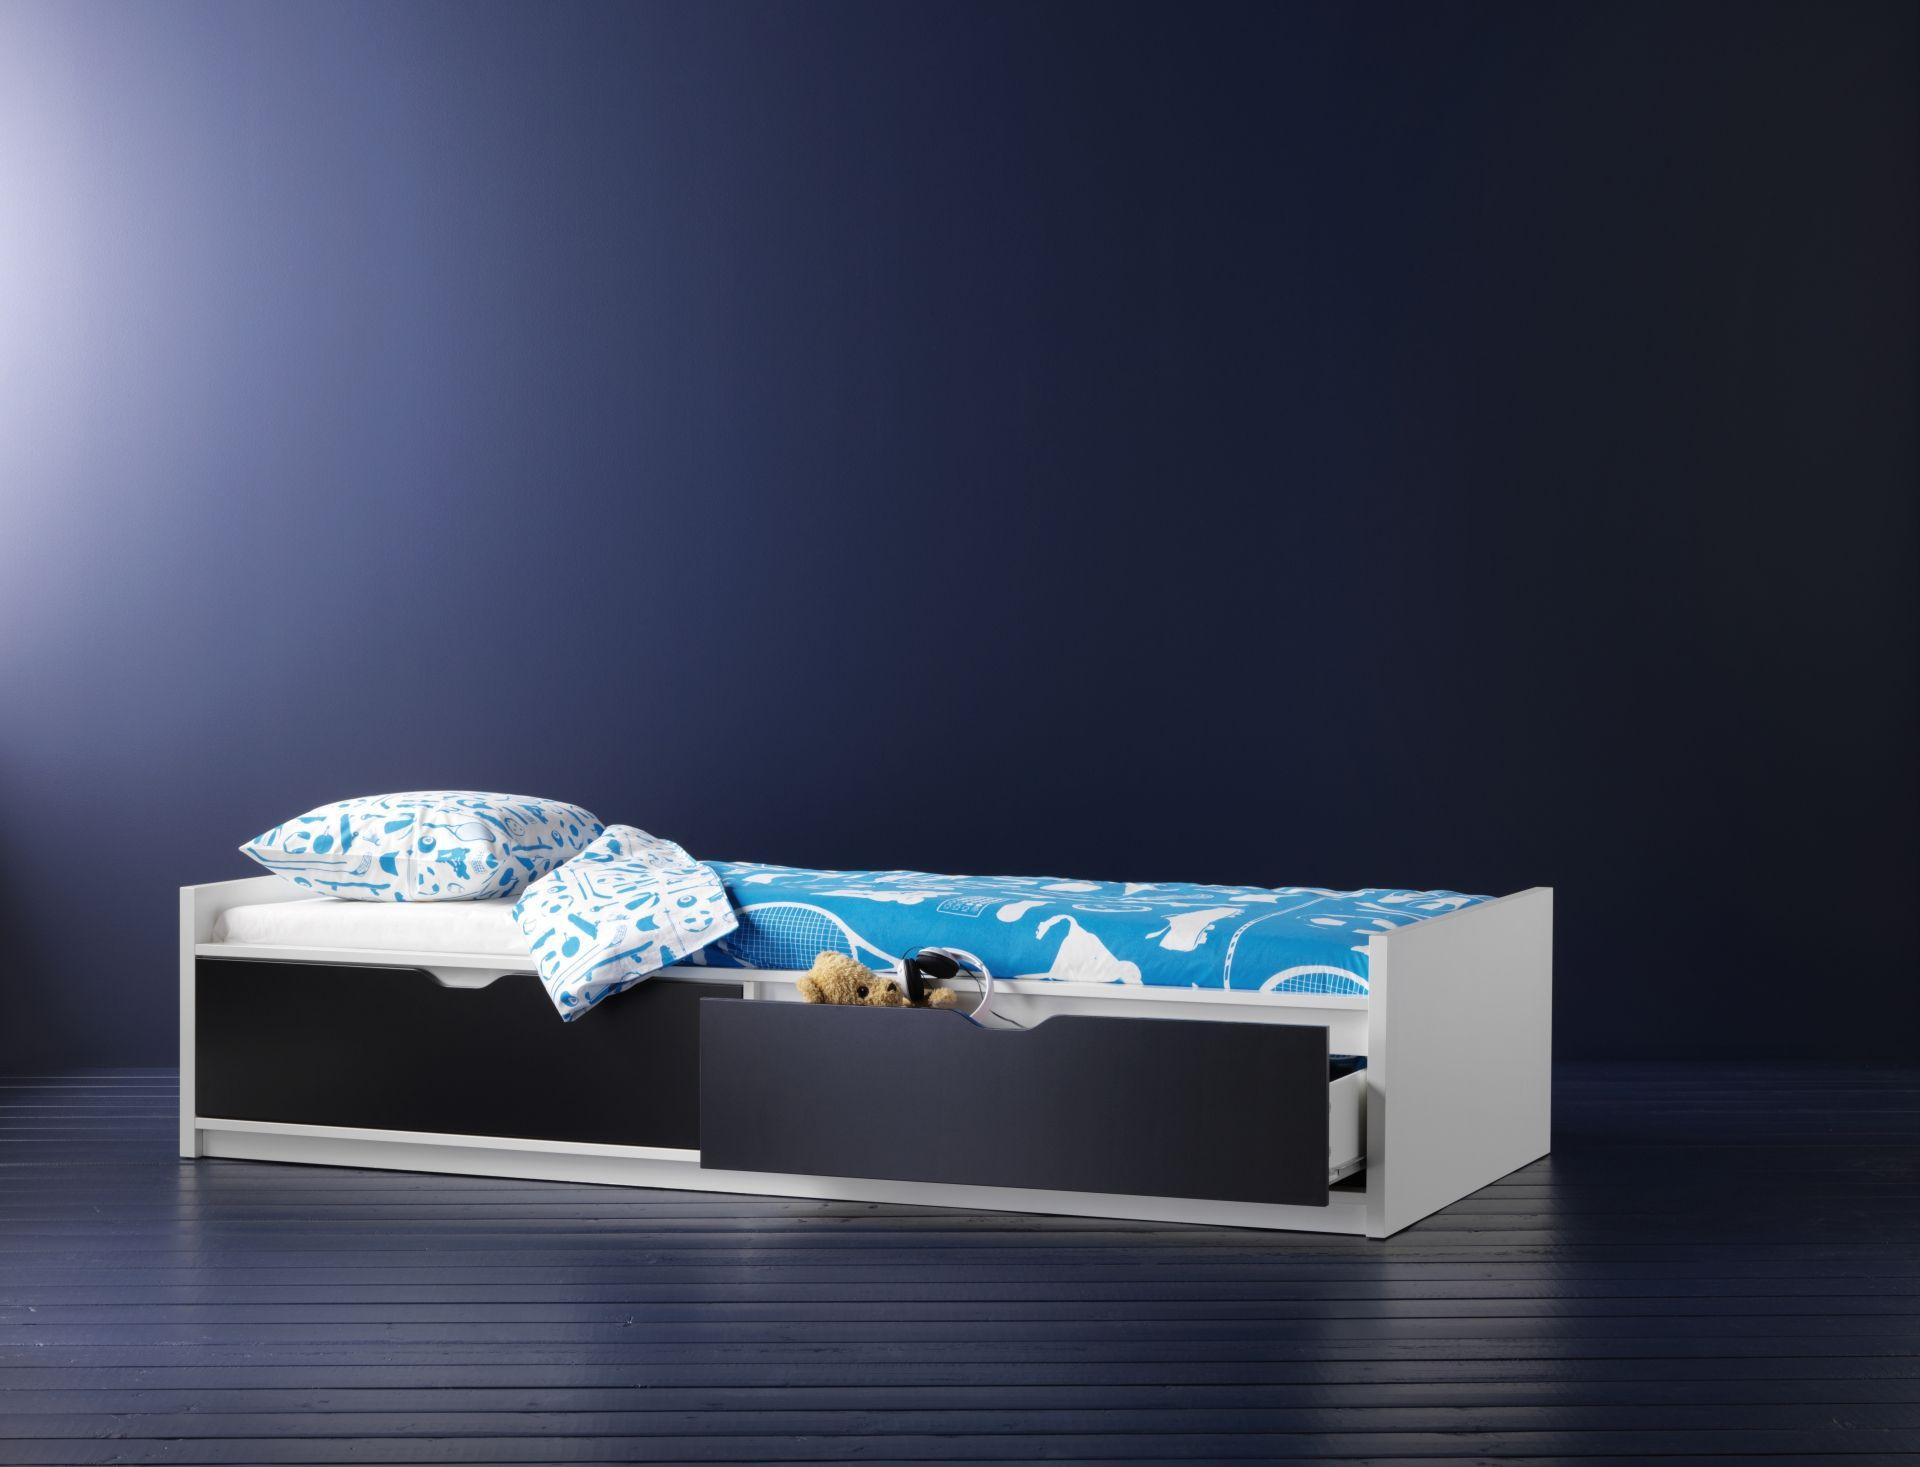 Ikea Commodes Slaapkamer : Flaxa bedframe met opberger lattenbodem #ikeacatalogus #nieuw